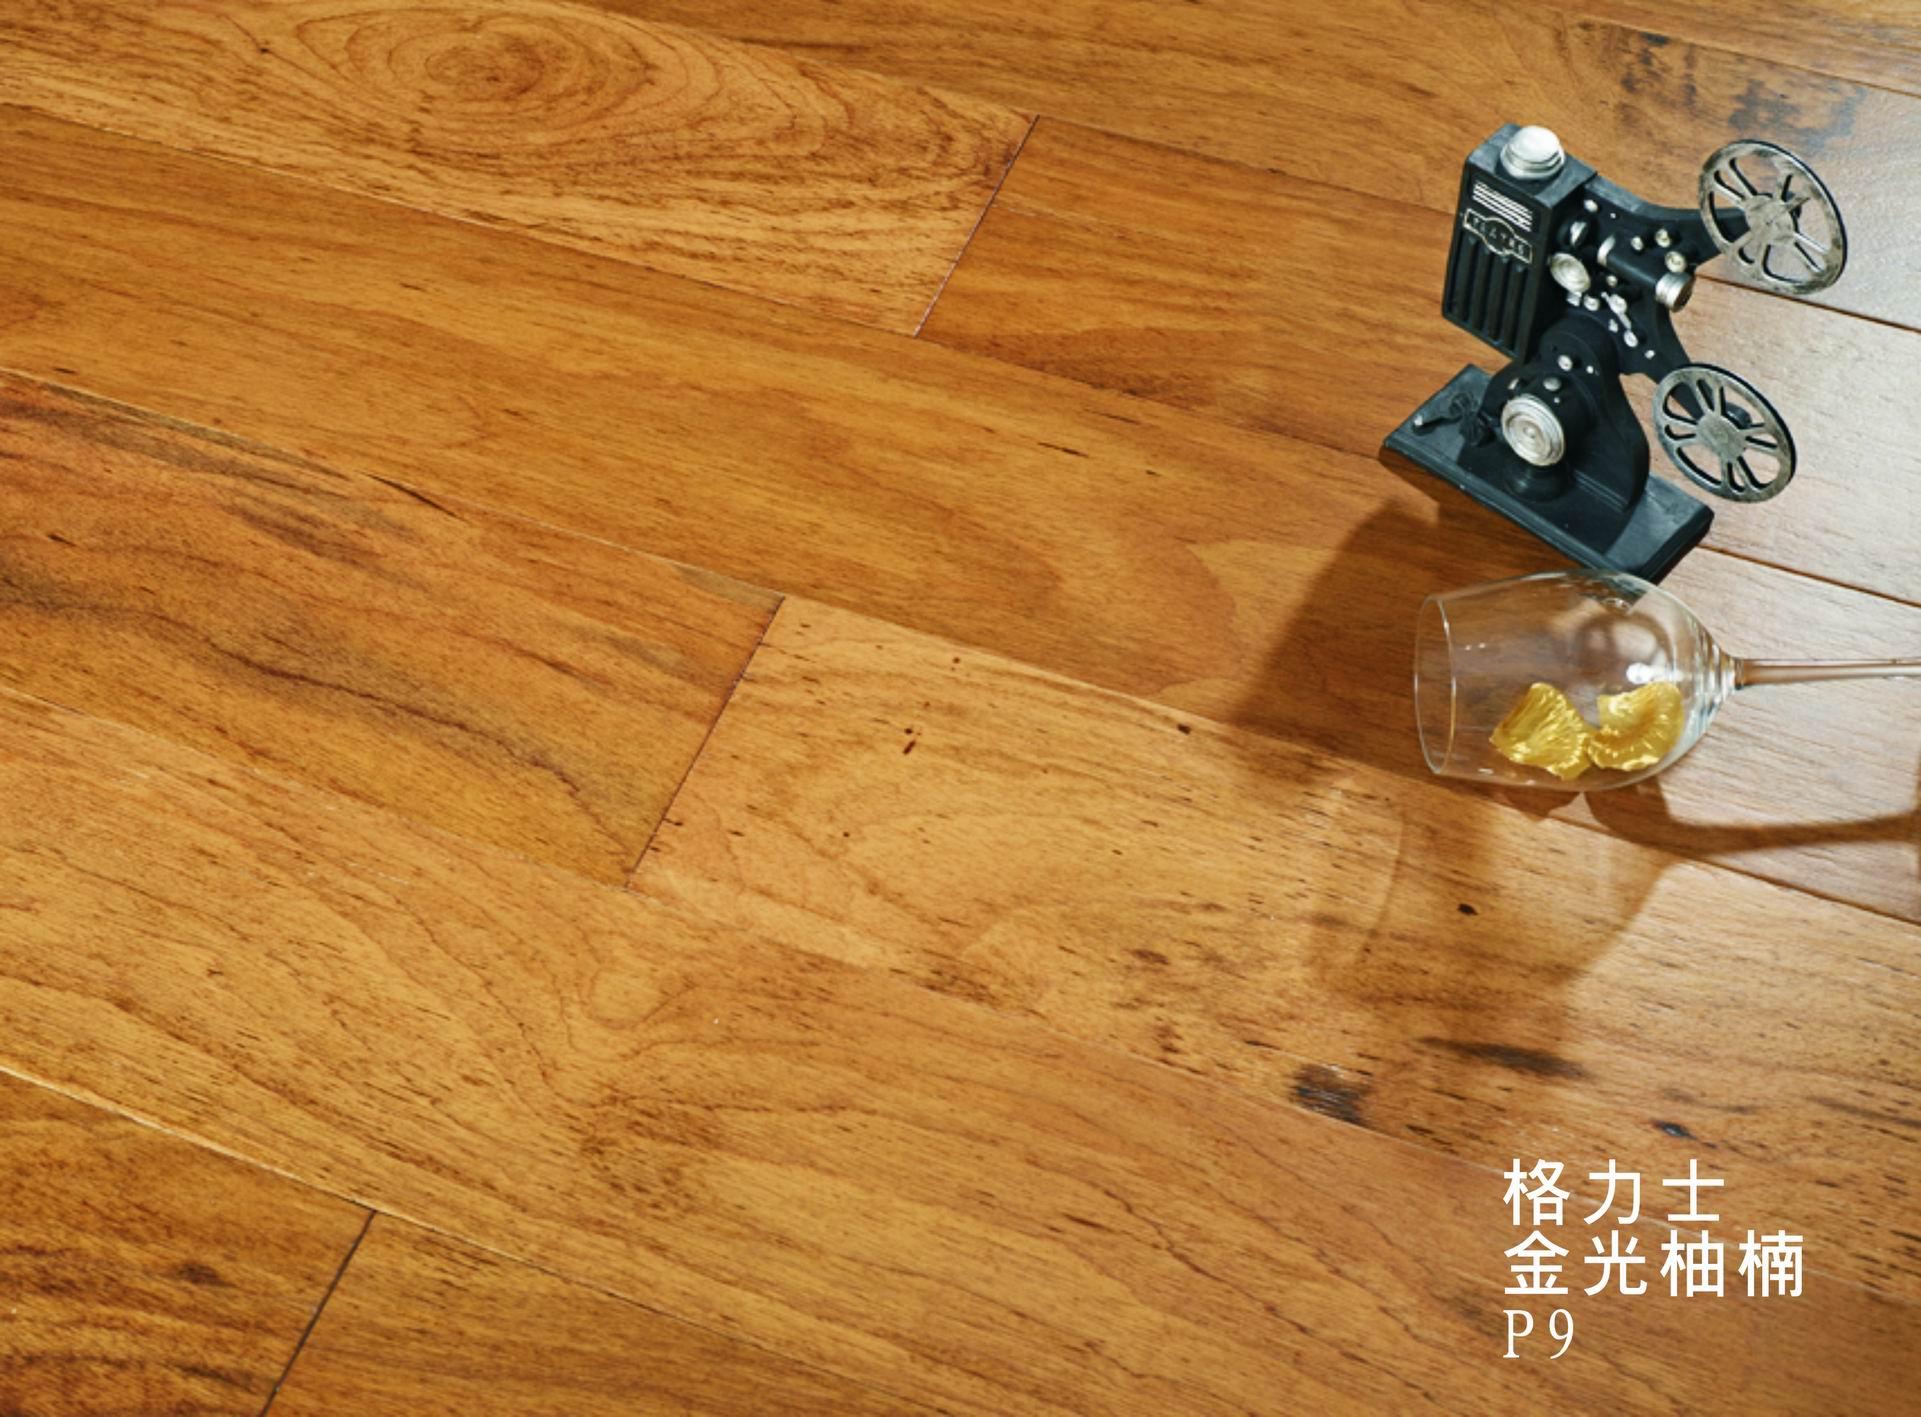 金光柚楠P9